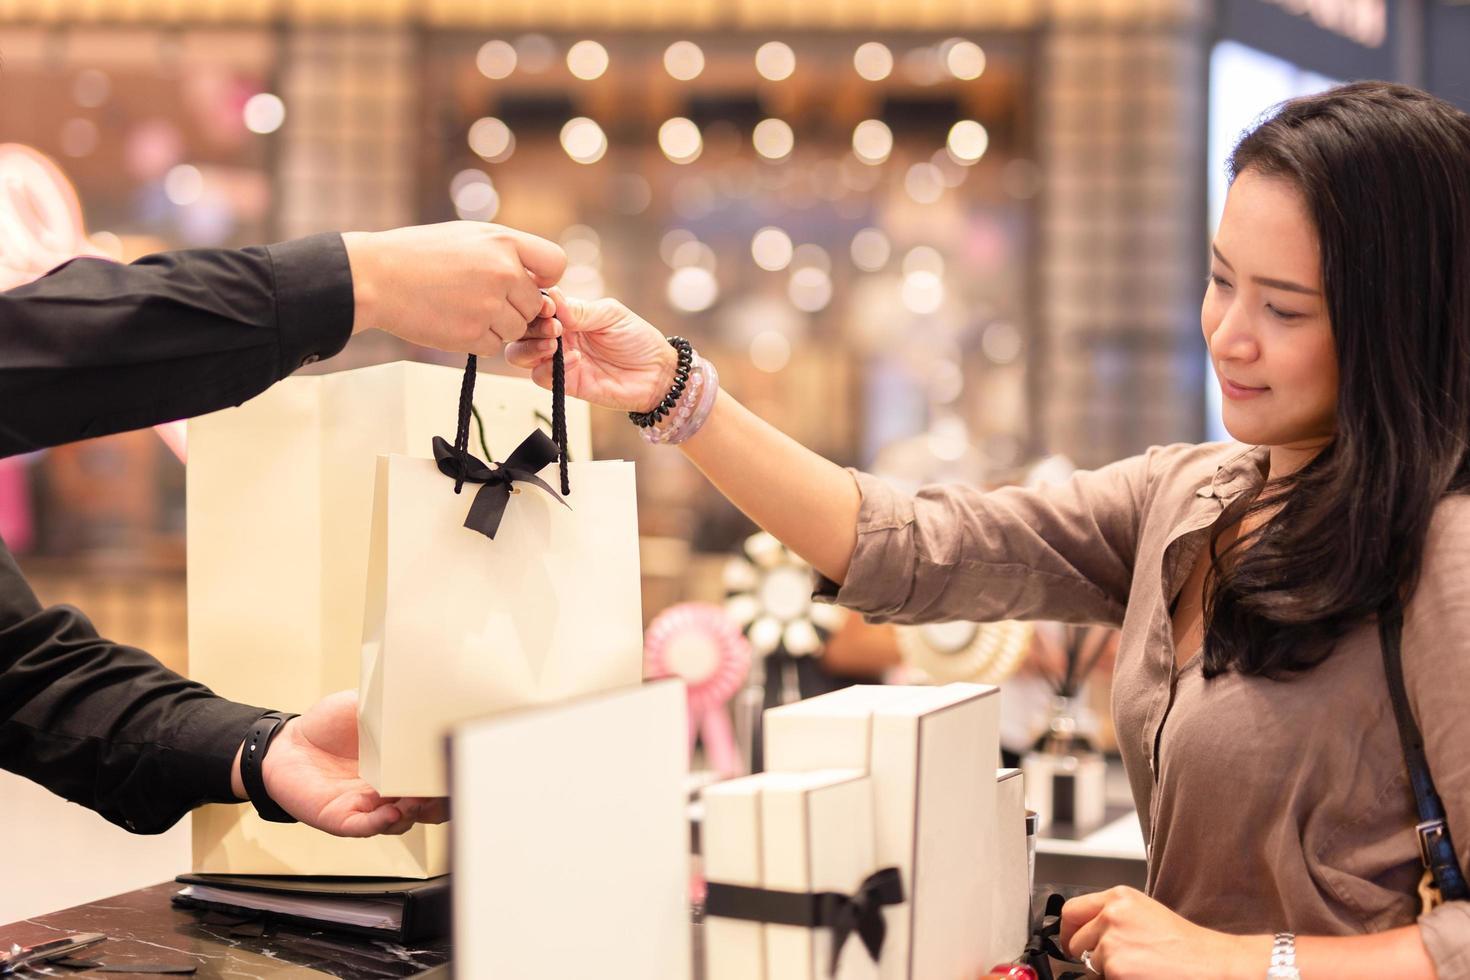 Verkäufer gibt dem Kunden die Einkaufstasche foto